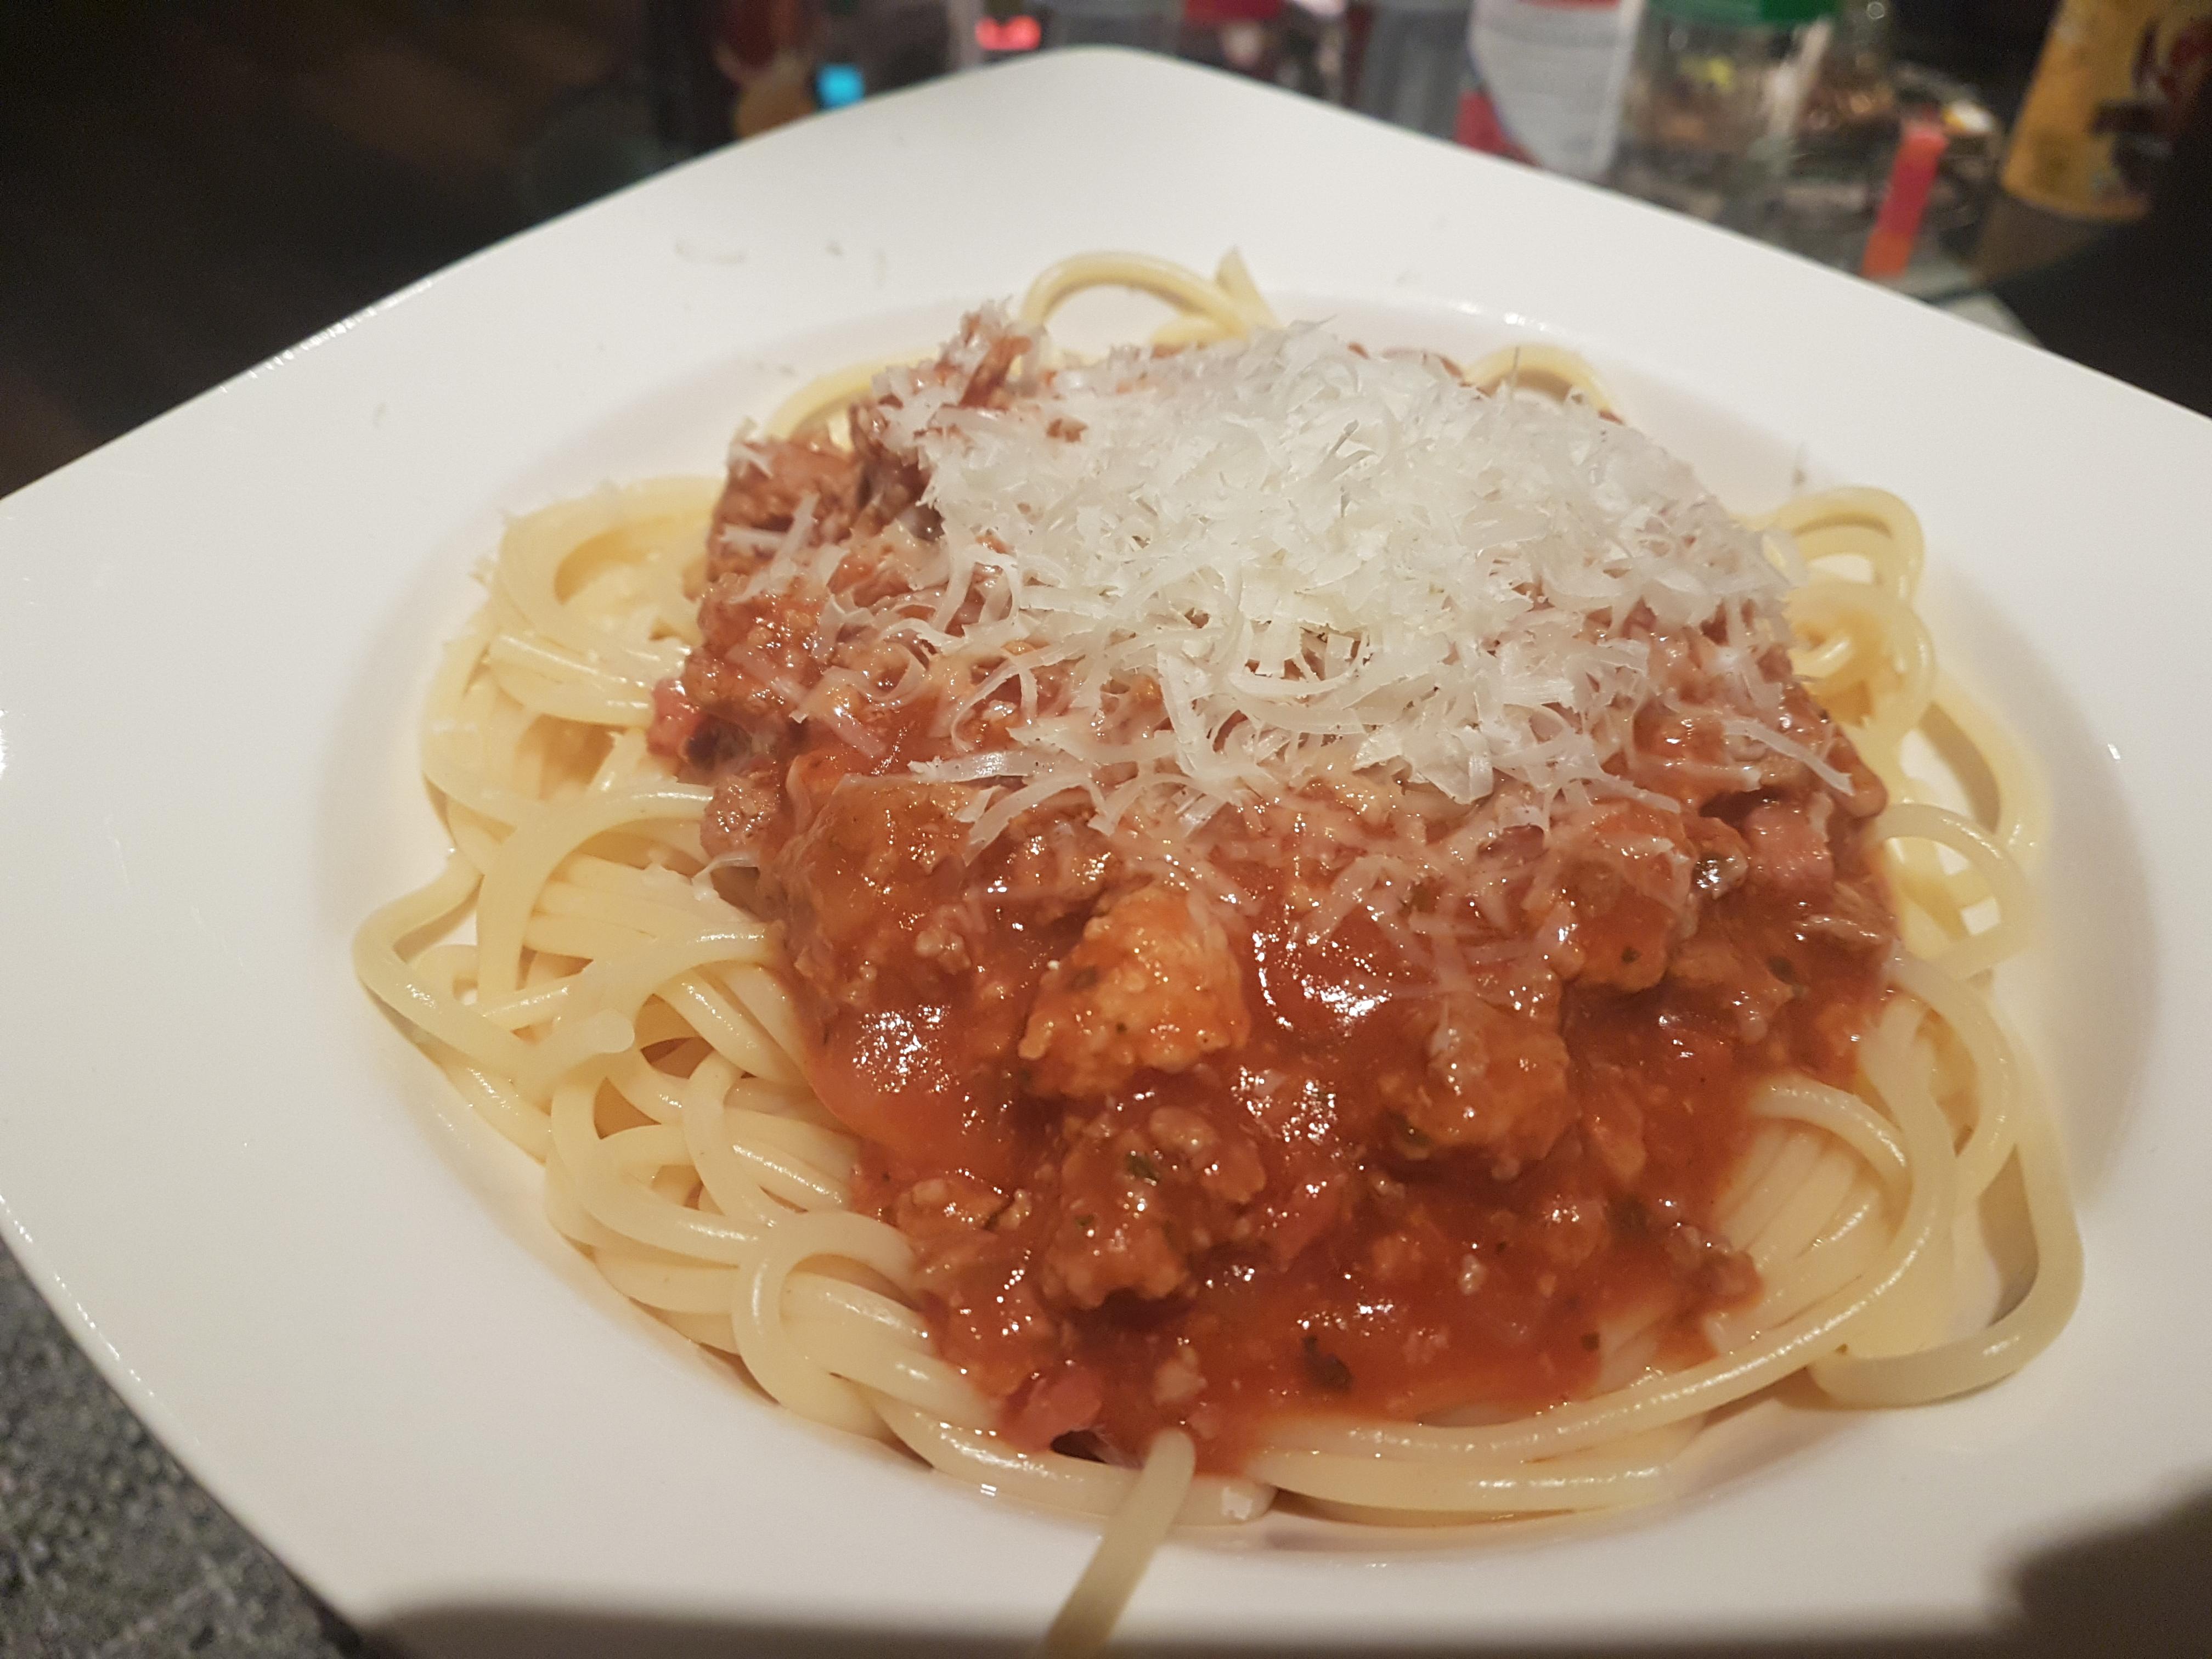 http://foodloader.net/Holz_2017-12-30_Spaghetti.jpg